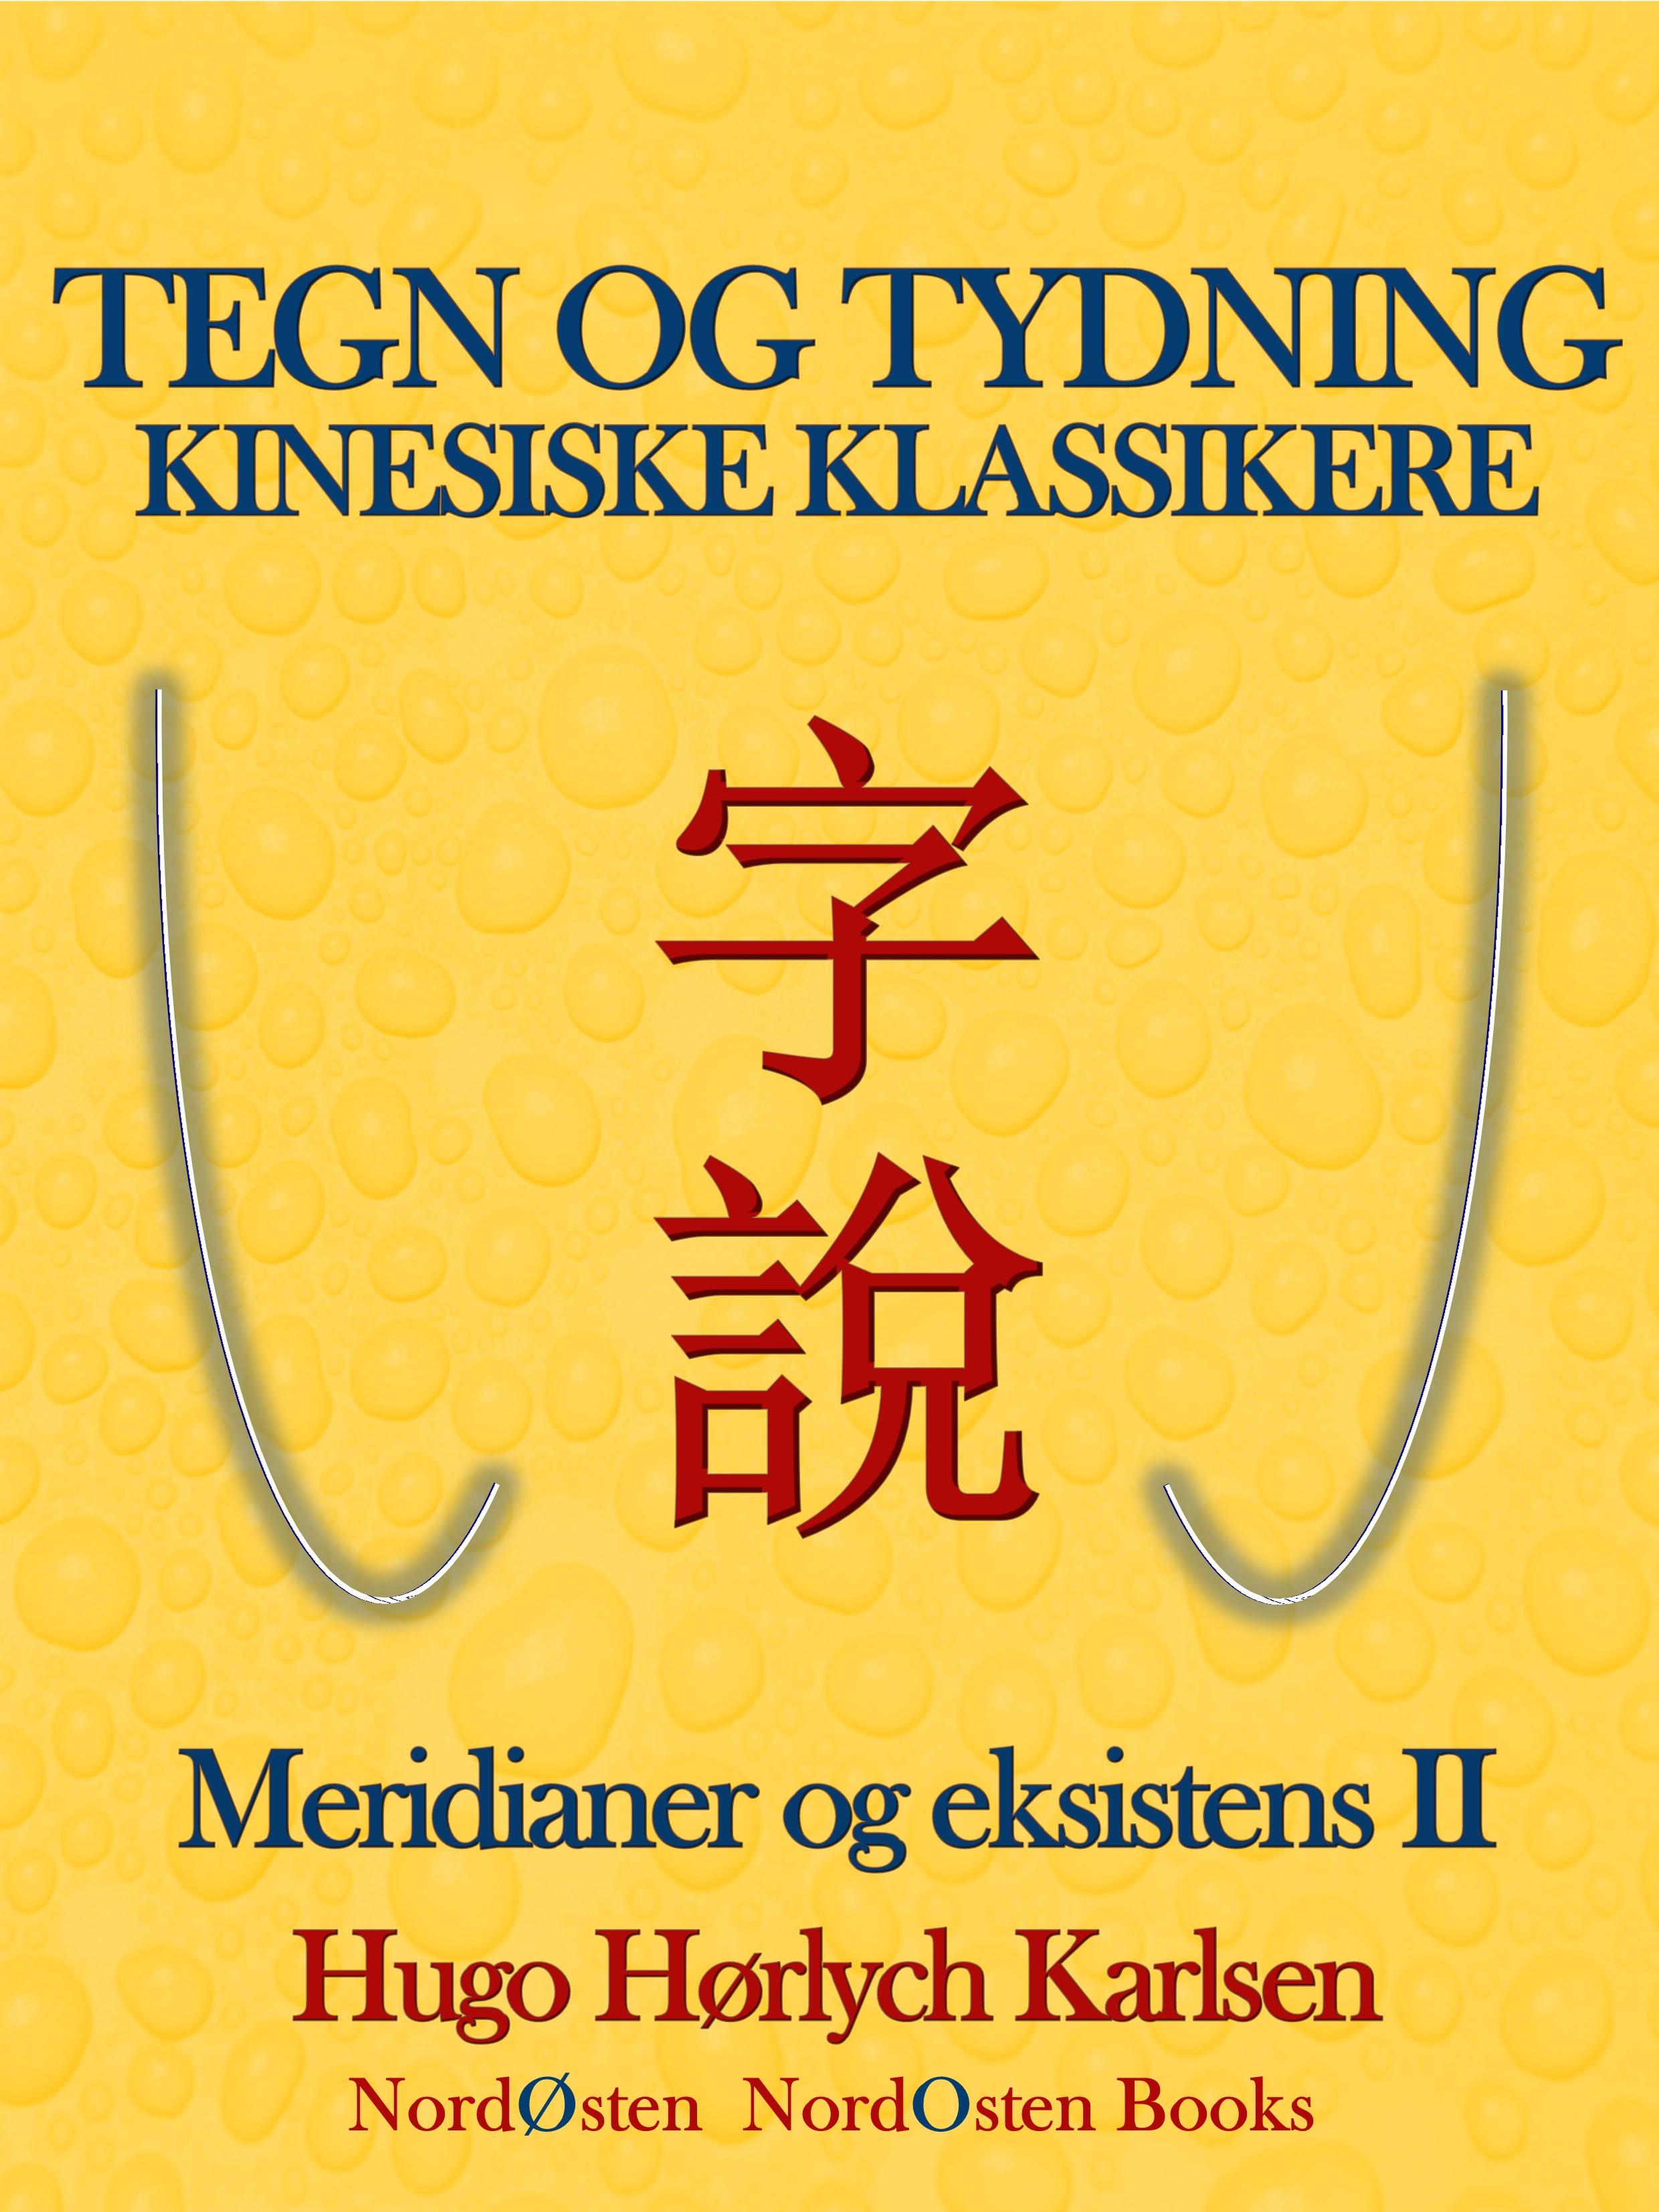 Tegn og tydning. Kinesiske klassikere - E-bog